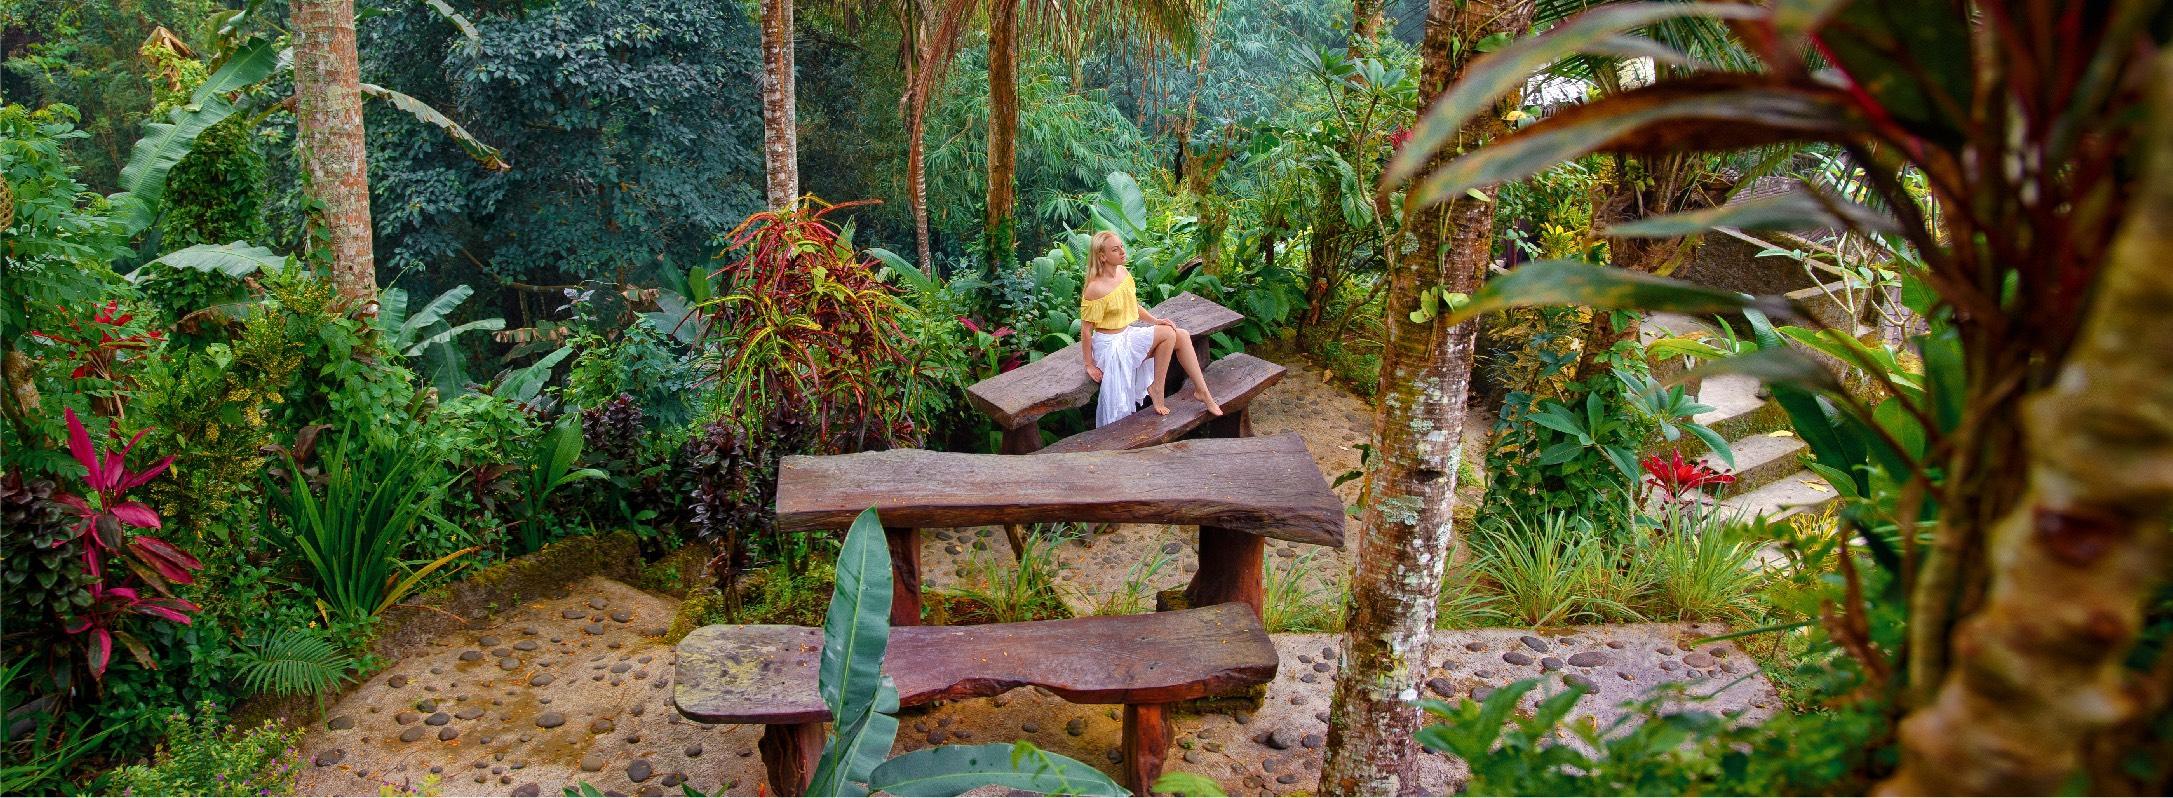 Tiện ích dự án Sun Tropical Village Phú Quốc